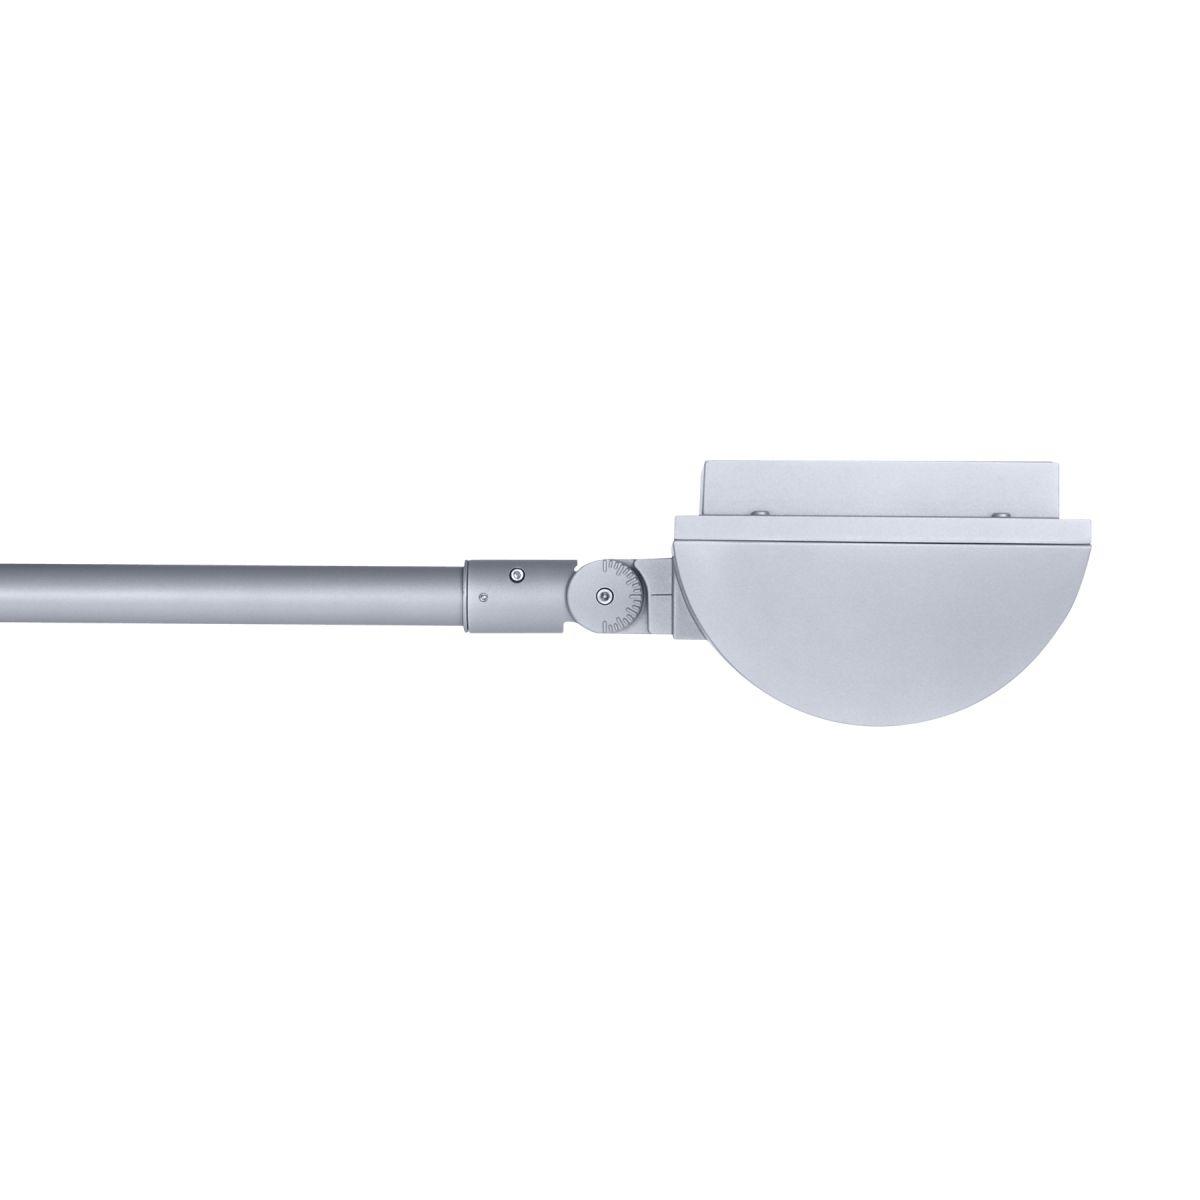 FIN Arm Optic LED